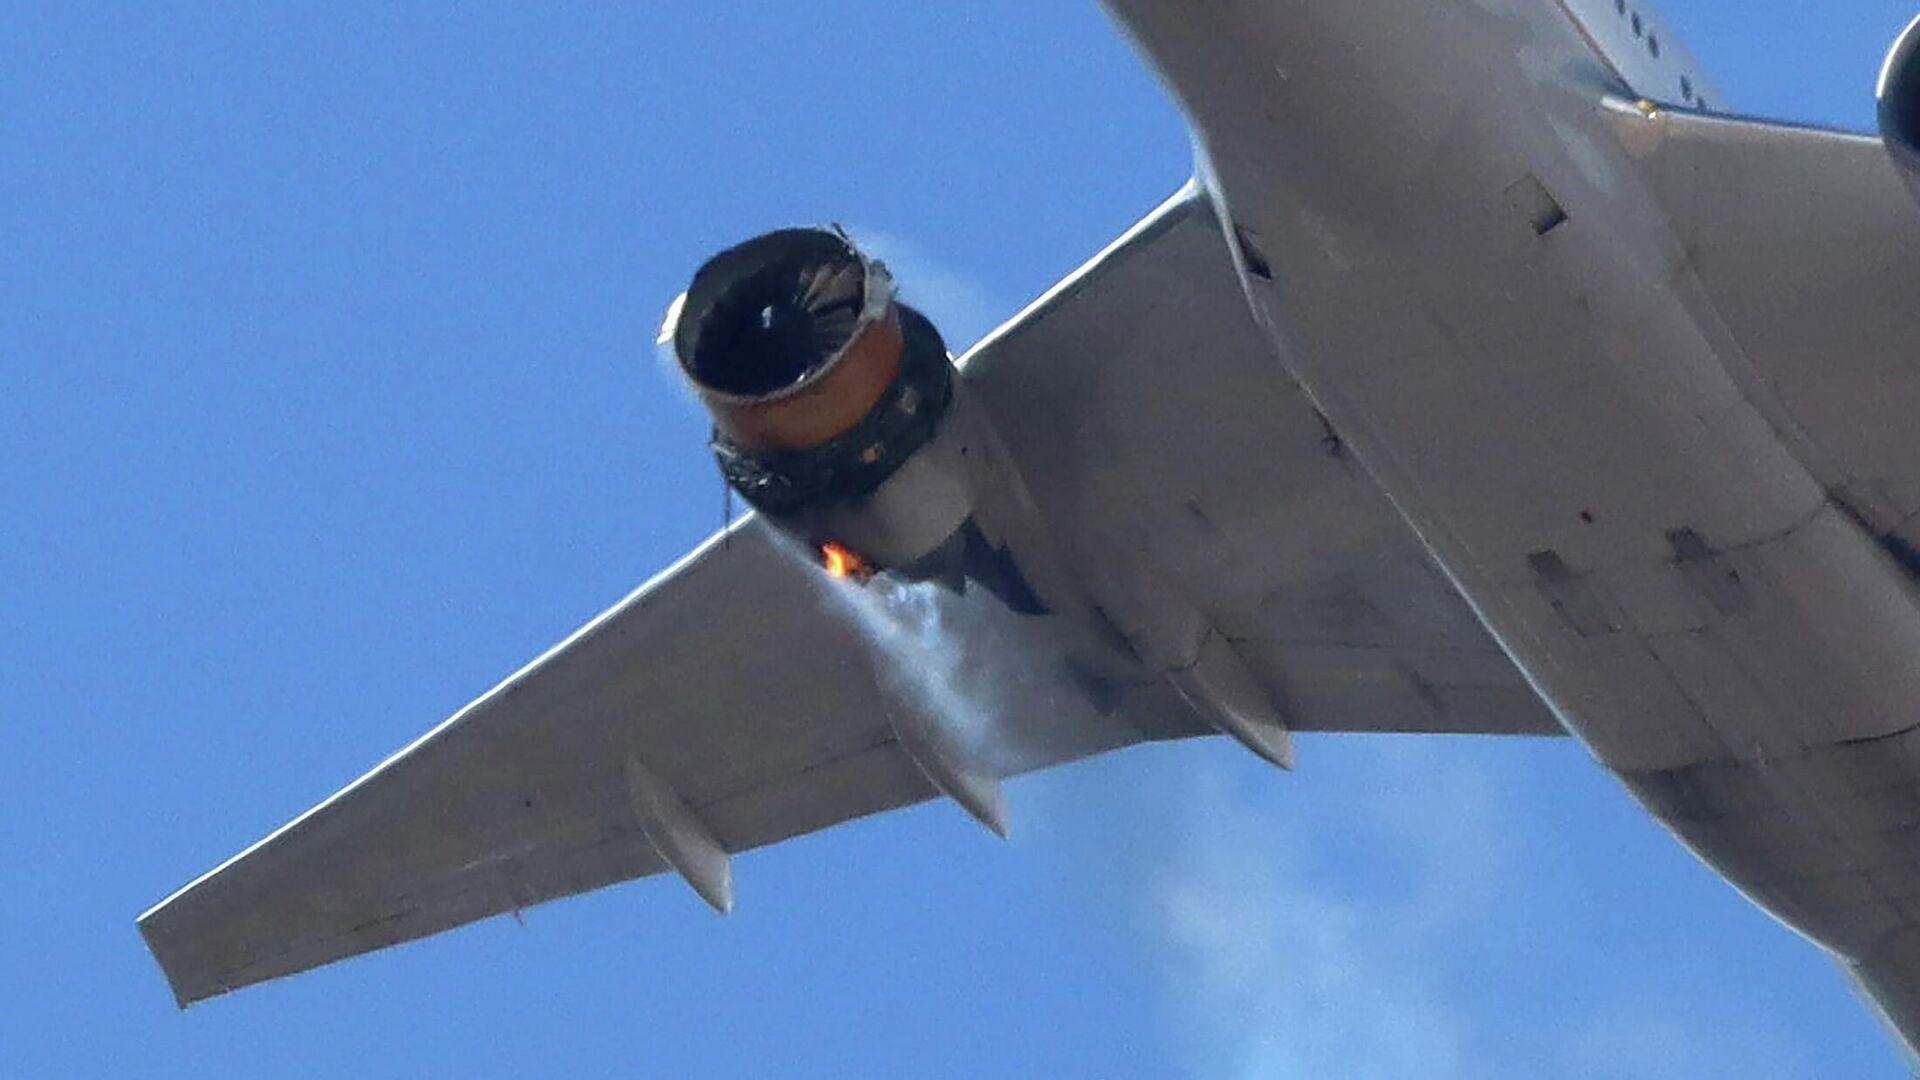 Рейс UA328 United Airlines возвращается в международный аэропорт Денвера с горящим двигателем  - РИА Новости, 1920, 21.02.2021